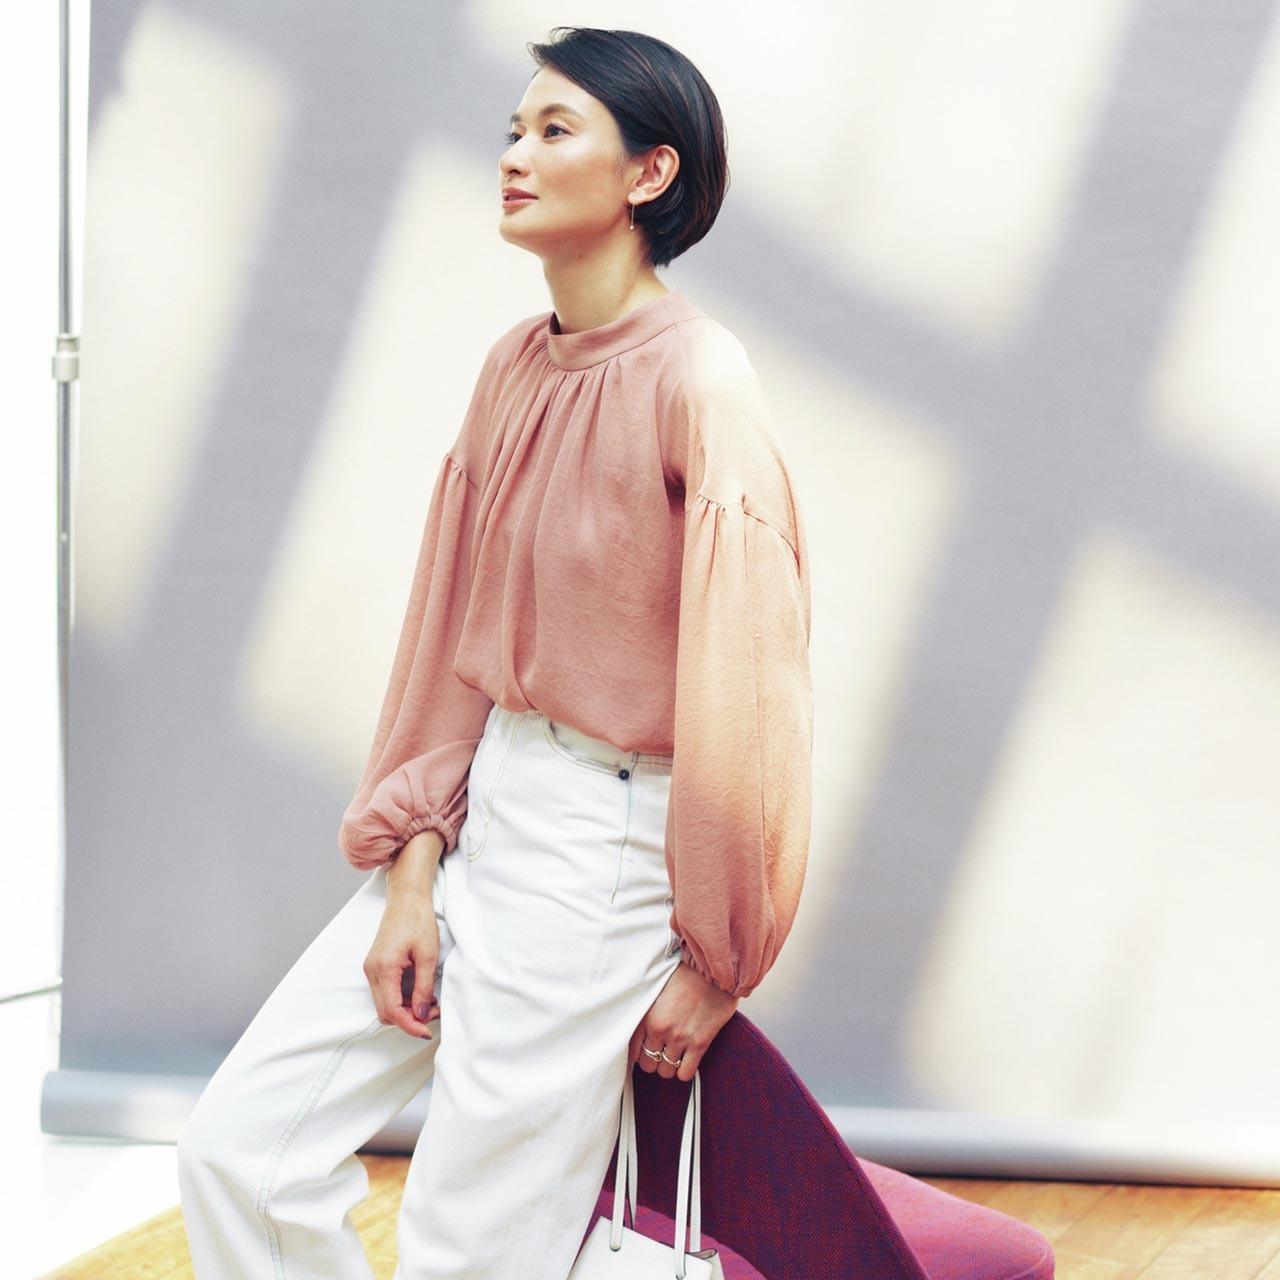 ピンクブラウス×白パンツのファッションコーデ